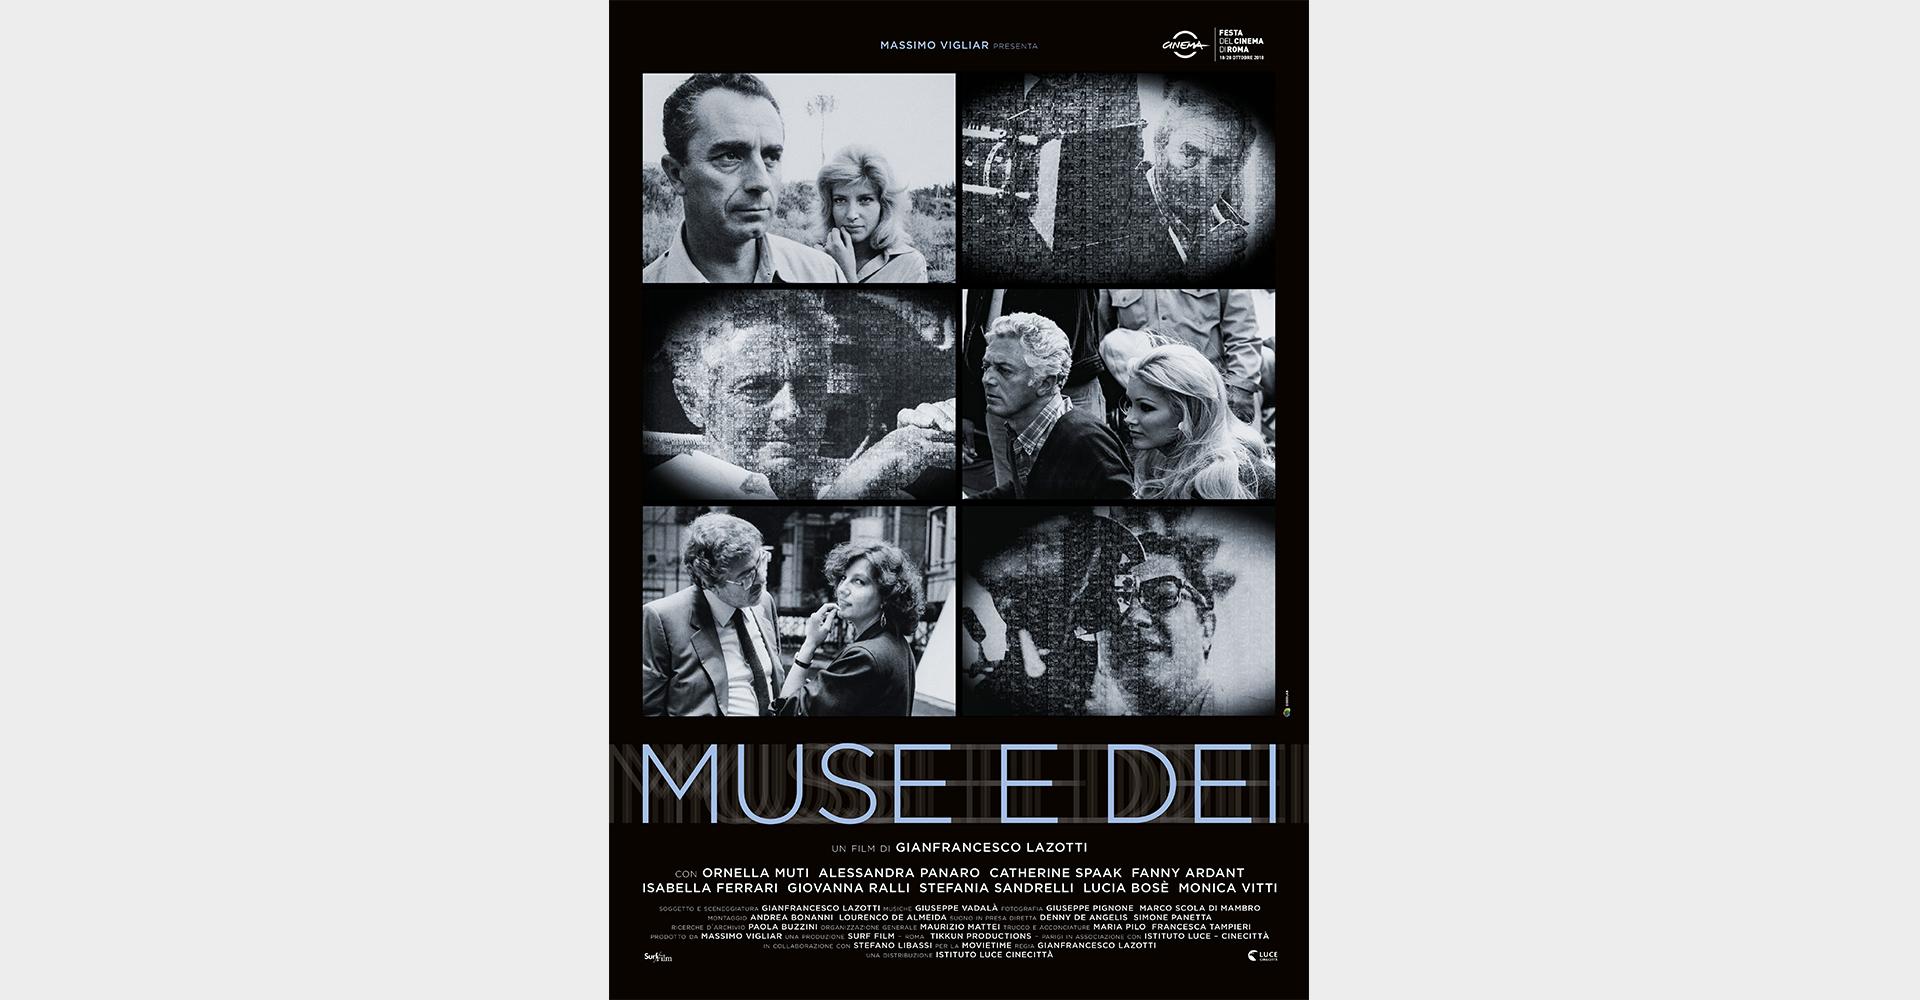 MuseDei_01